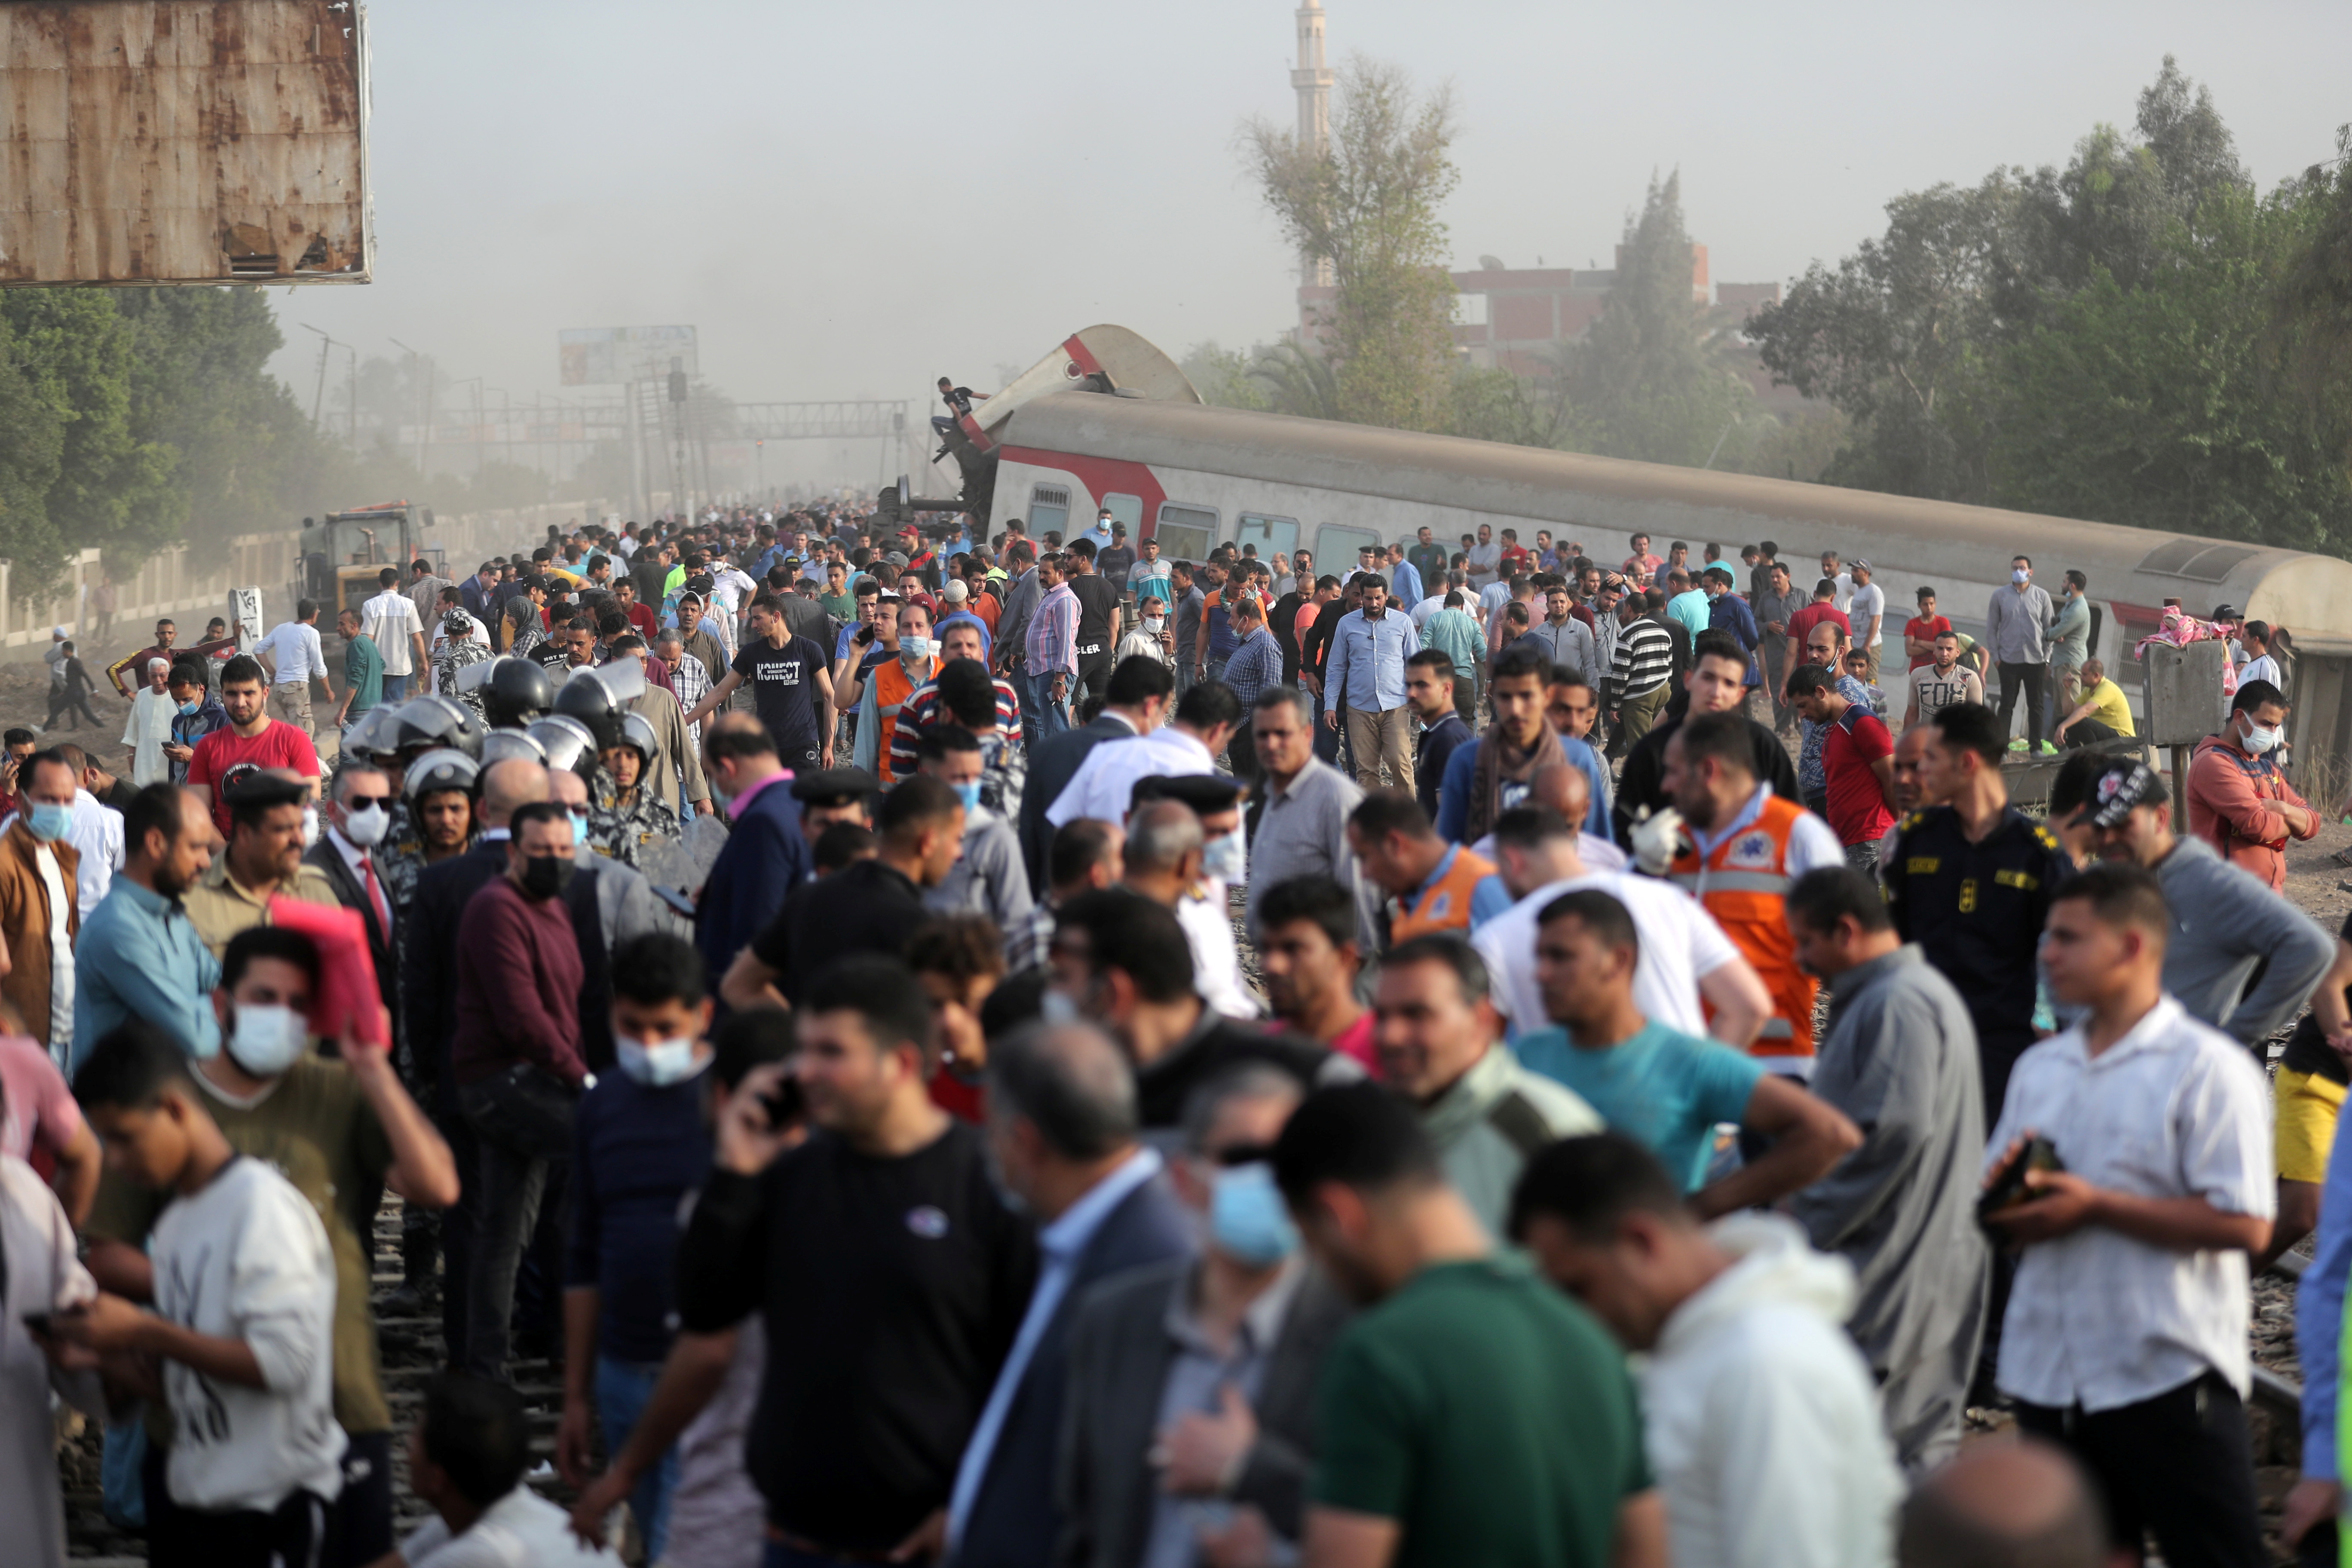 La gente se reúne en el lugar donde descarrilaron los vagones de tren en la provincia de Qalioubia, al norte de El Cairo, Egipto, el 18 de abril de 2021. REUTERS / Mohamed Abd El Ghany